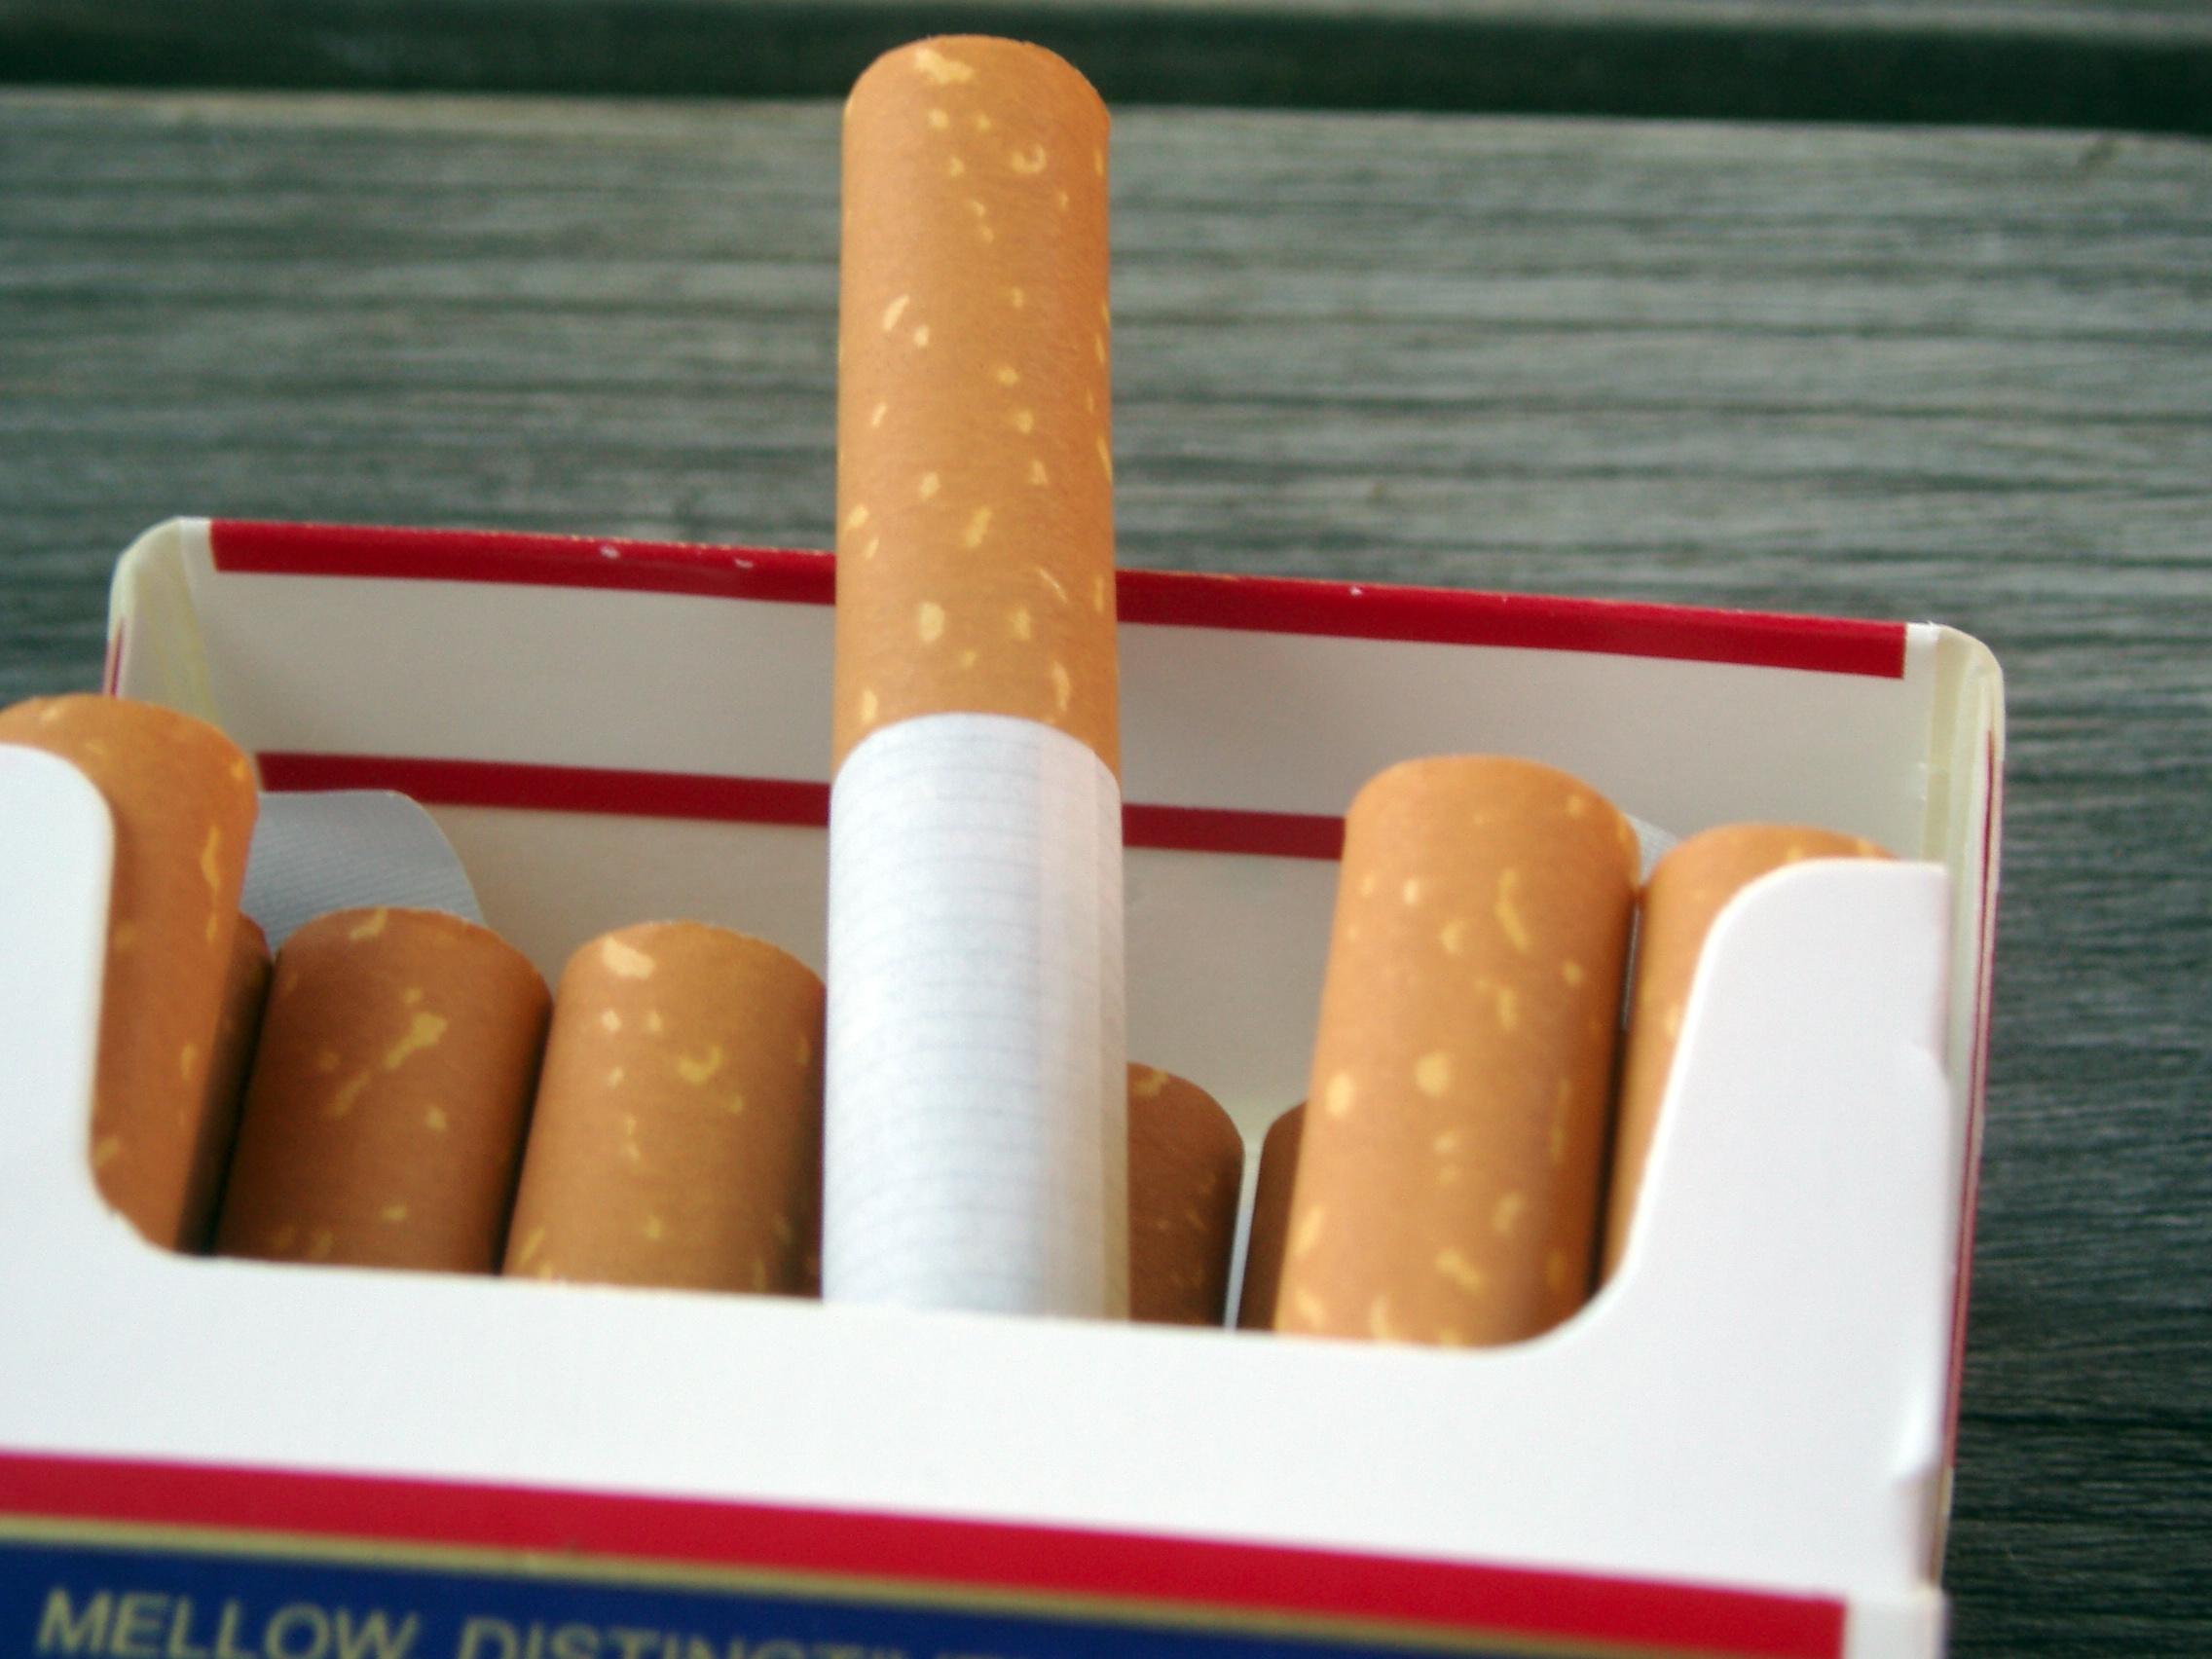 El Ministerio advierte de que los supuestos efectos protectores de la nicotina frente al COVID-19 no están demostrados